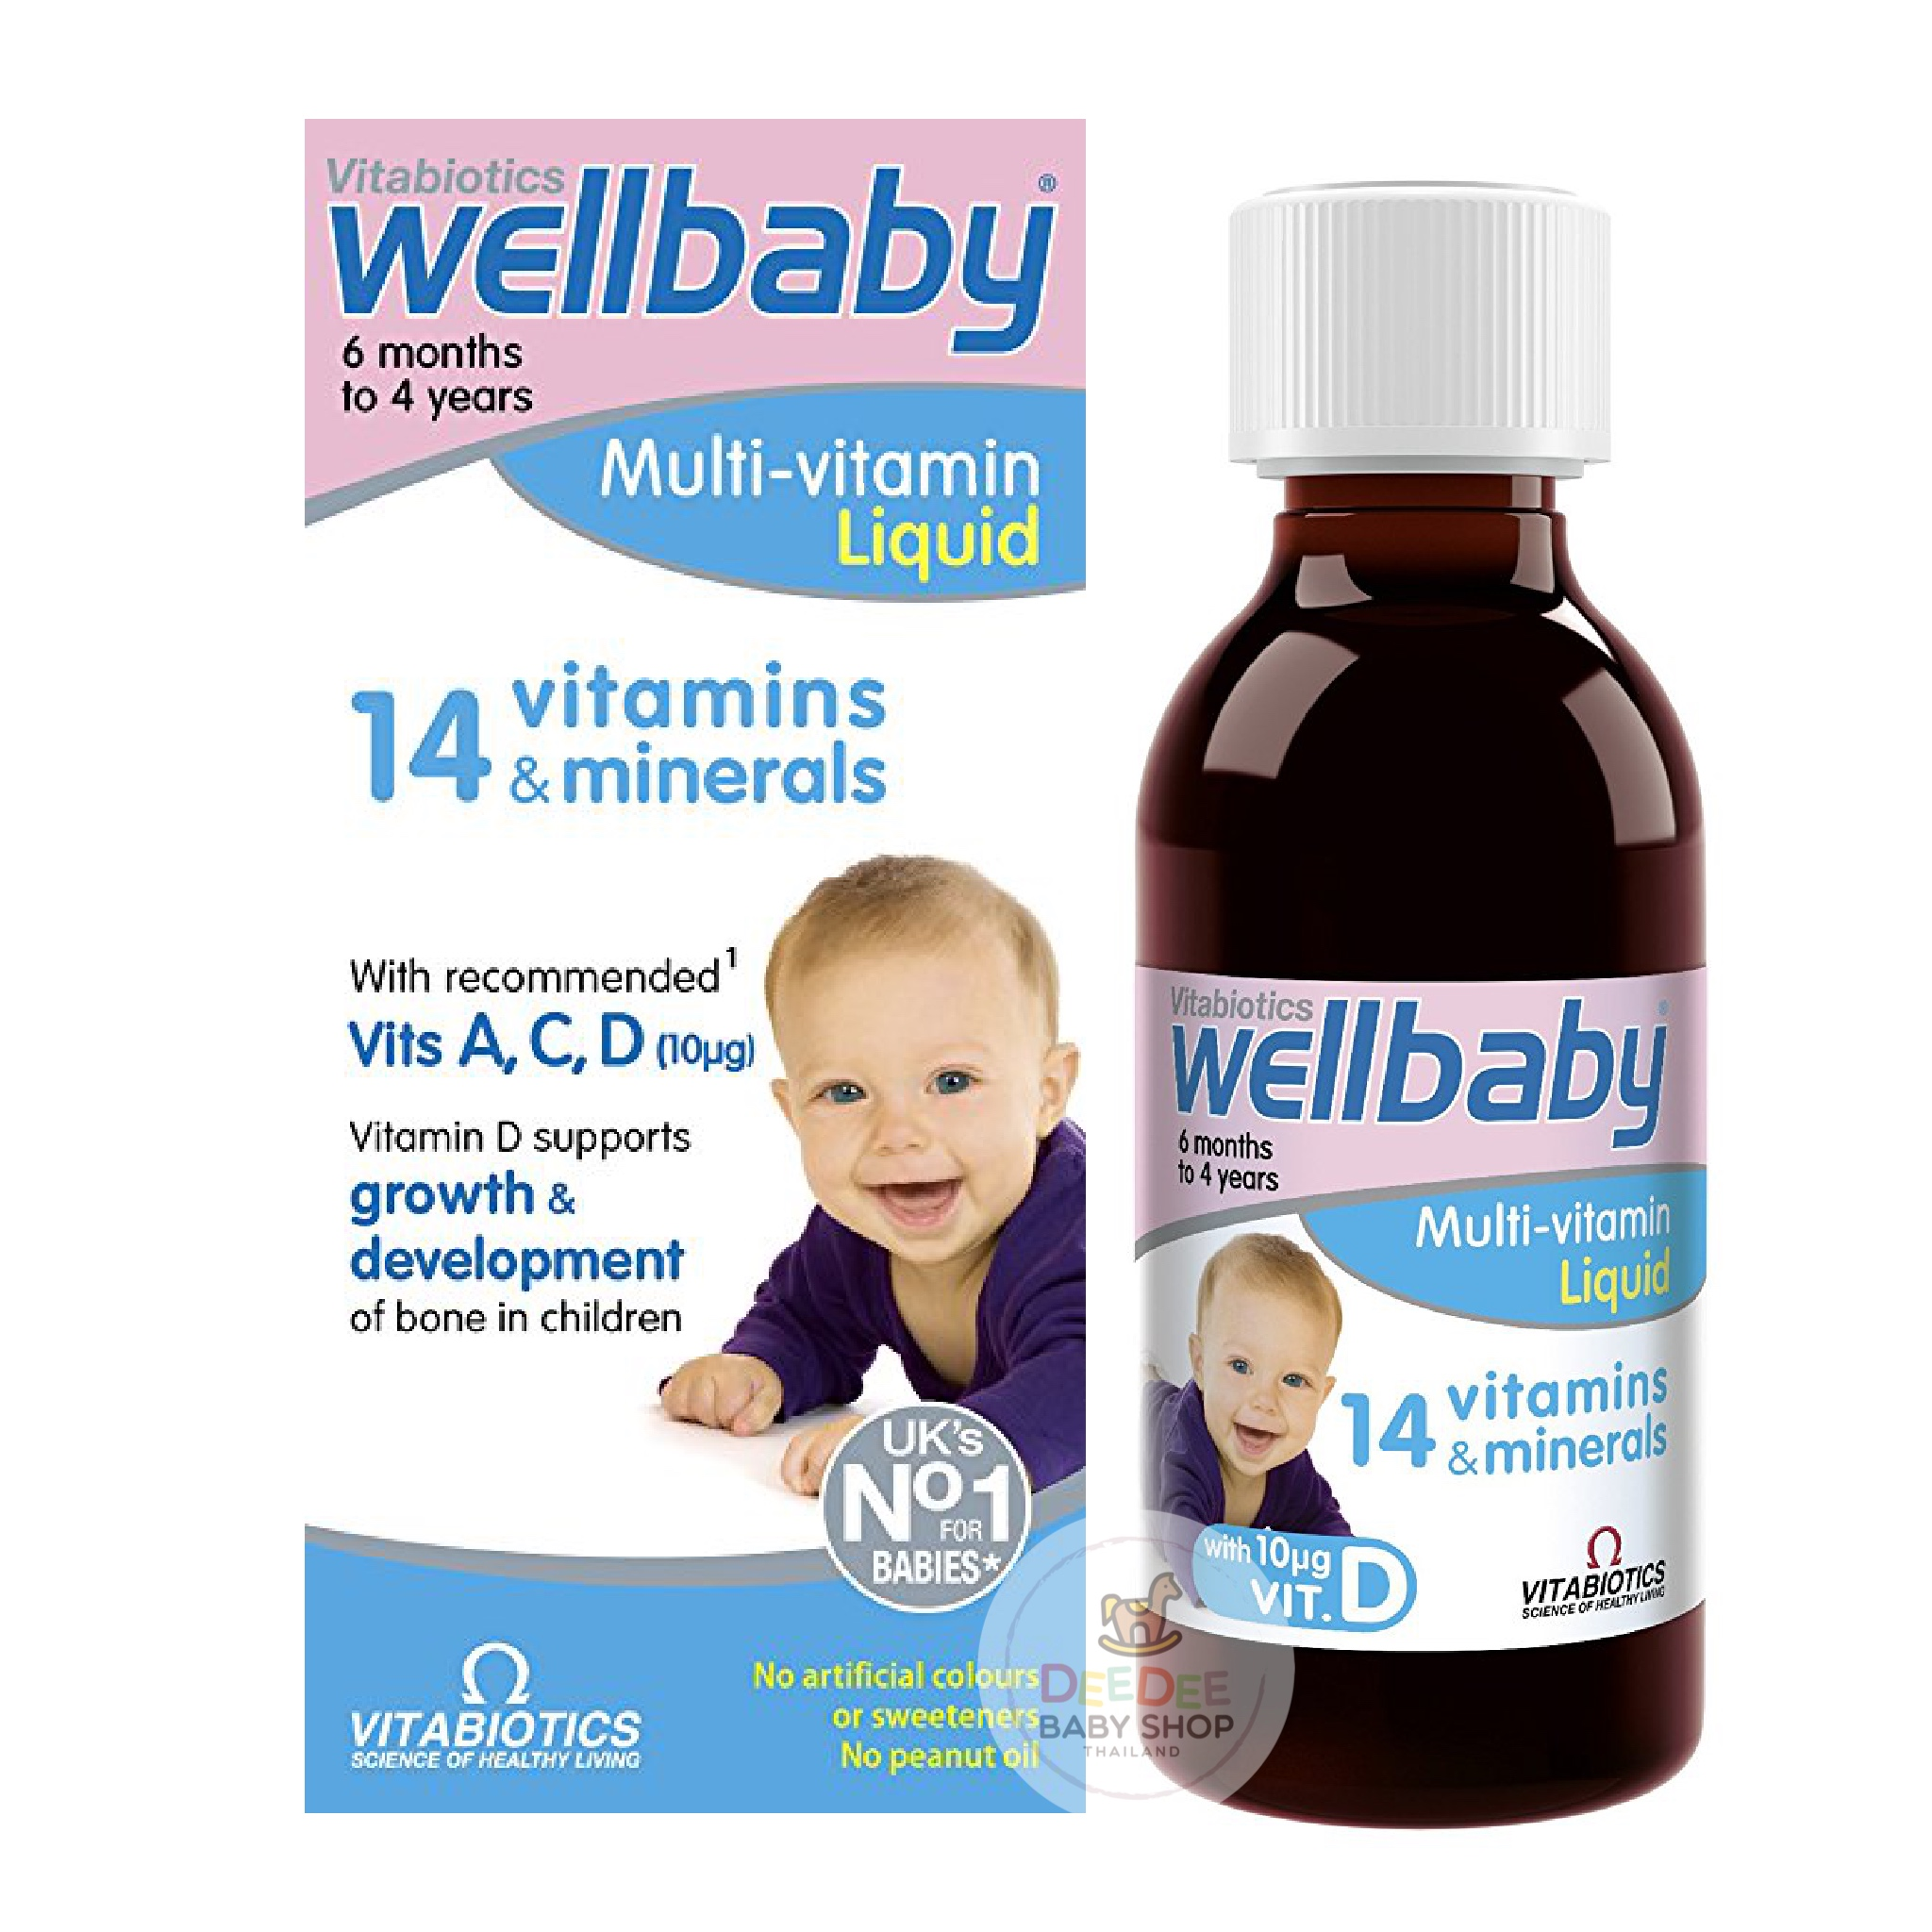 วิตามินรวมสำหรับทารกและเด็กเล็ก VitaBiotics WellBaby Multi-Vitamin Liquid with VIT.D